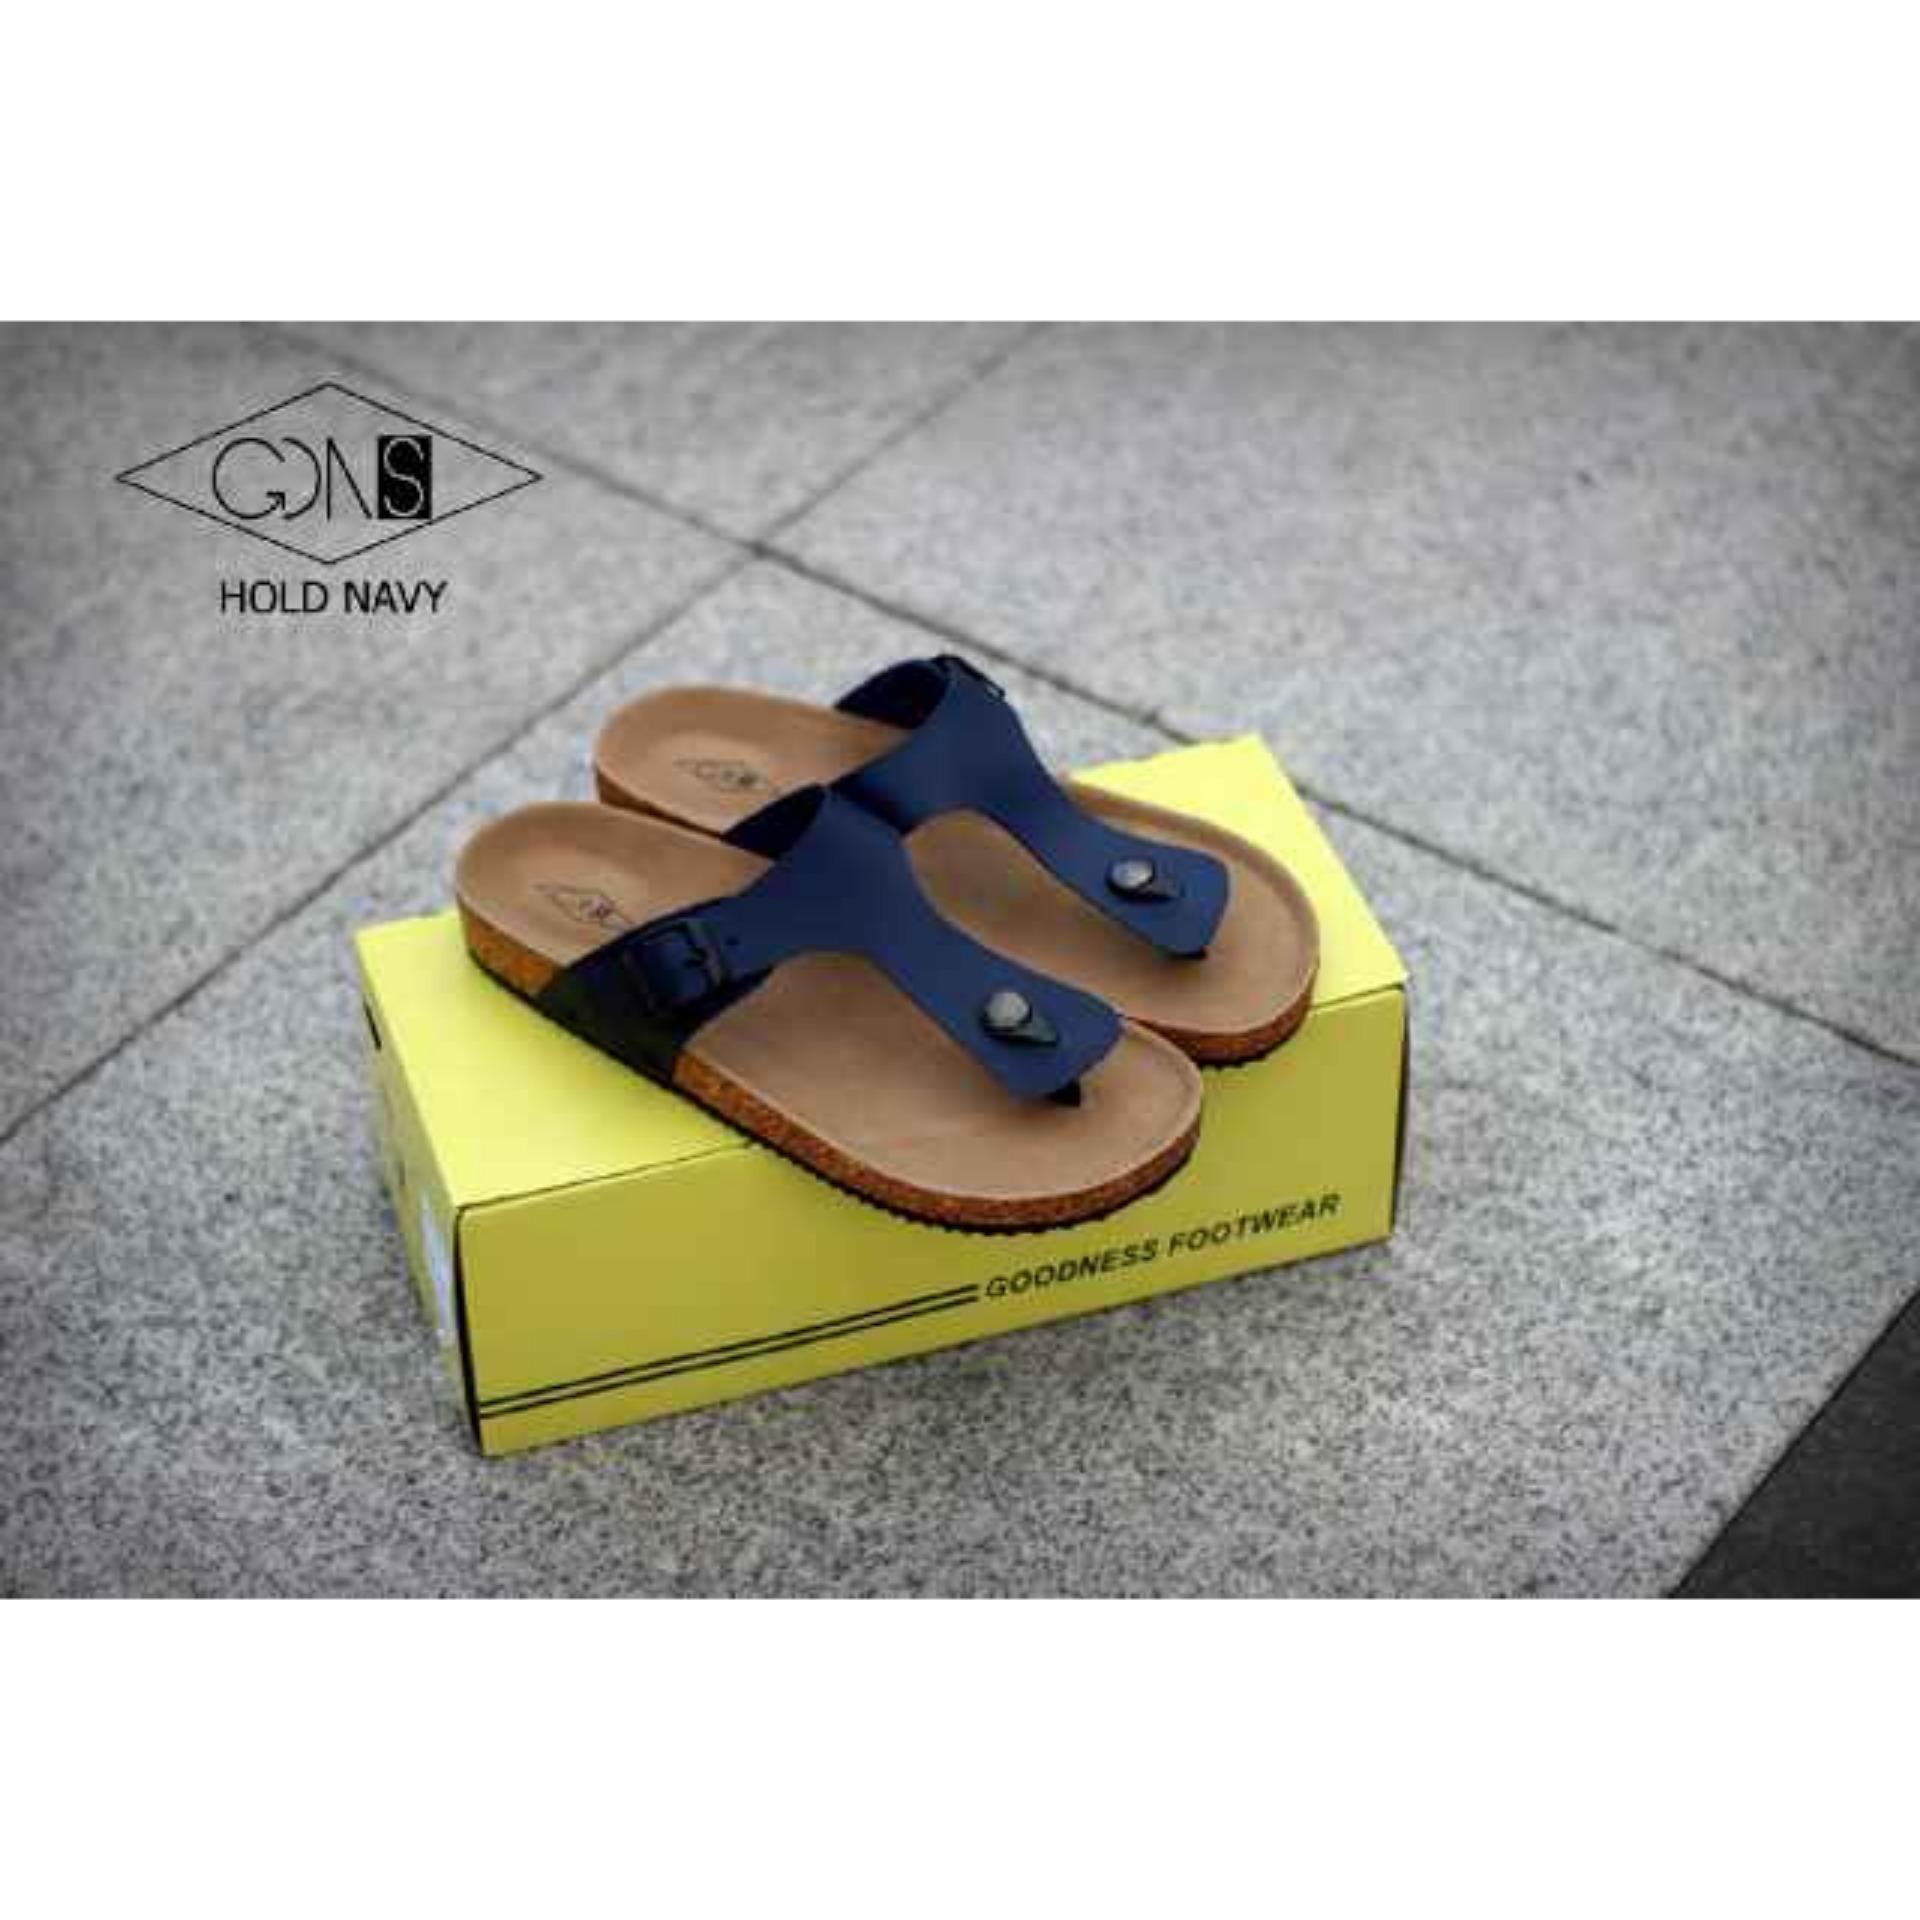 Sandal Pria Casual Trendy Elegan Goodness Hold Premium high quality original handmade